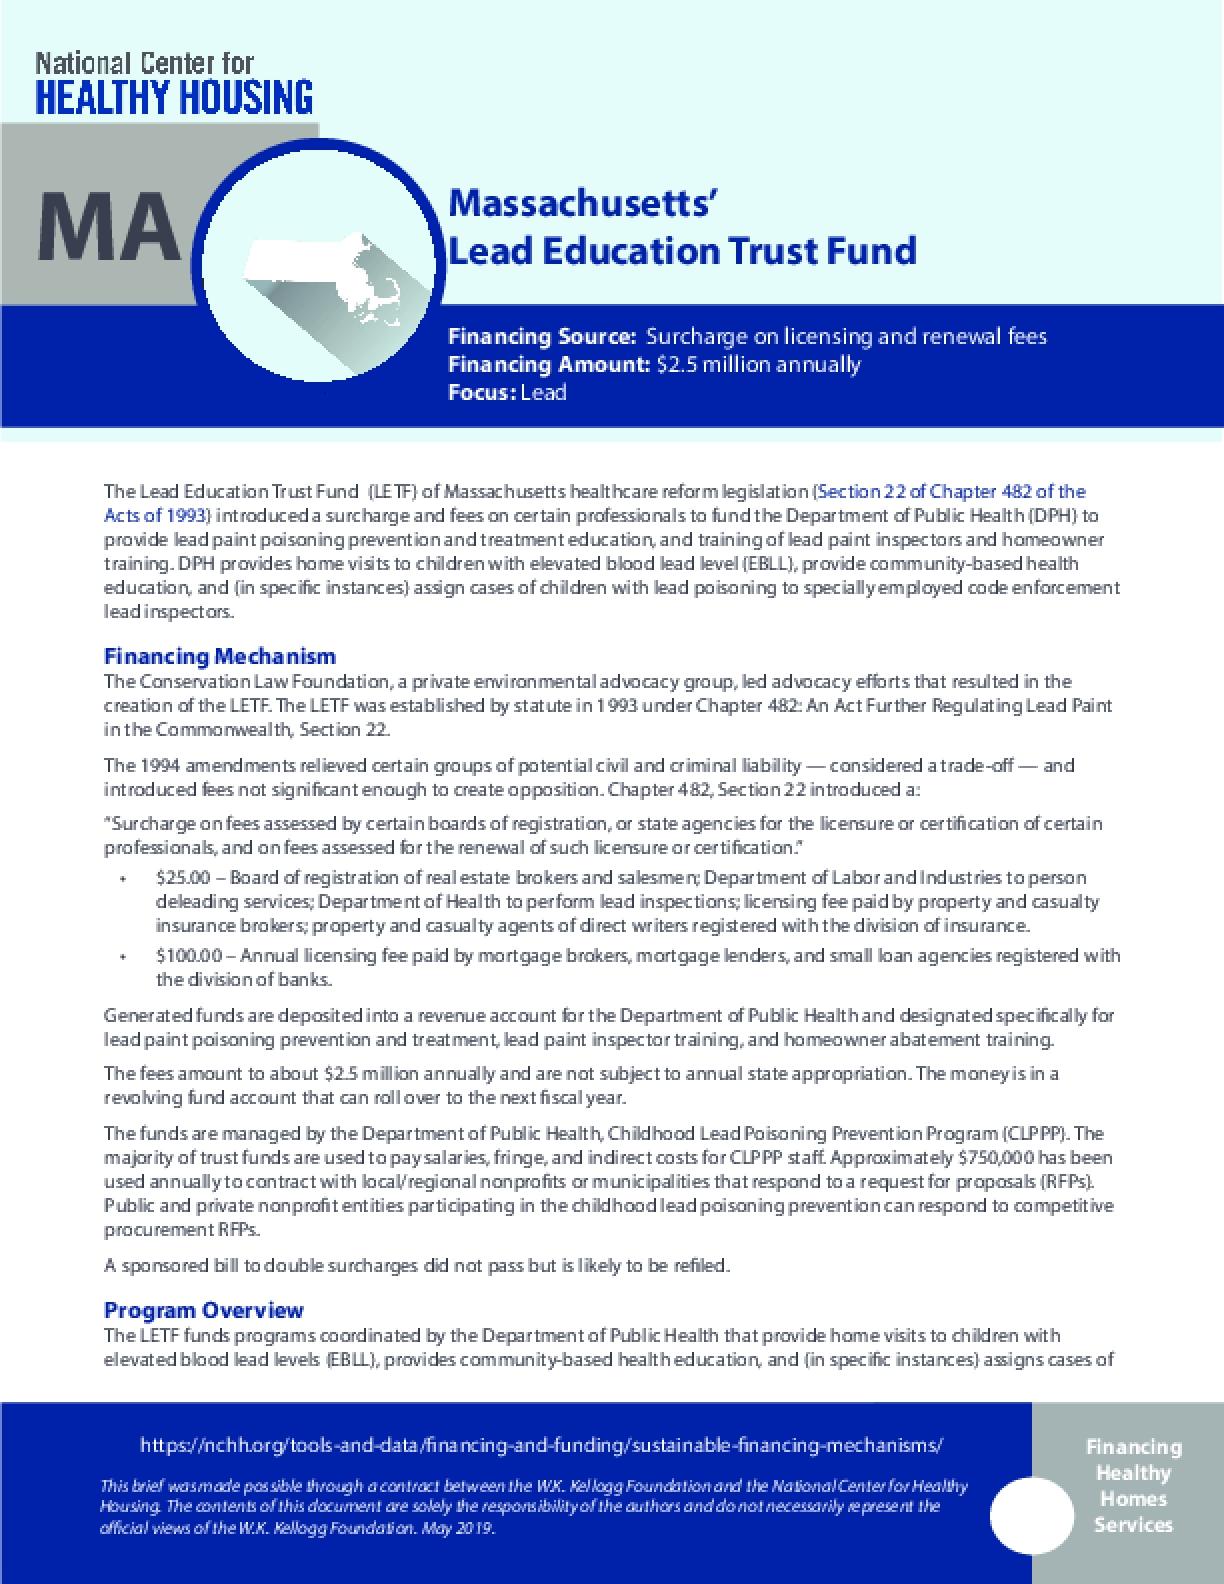 Massachusetts' Lead Education Trust Fund